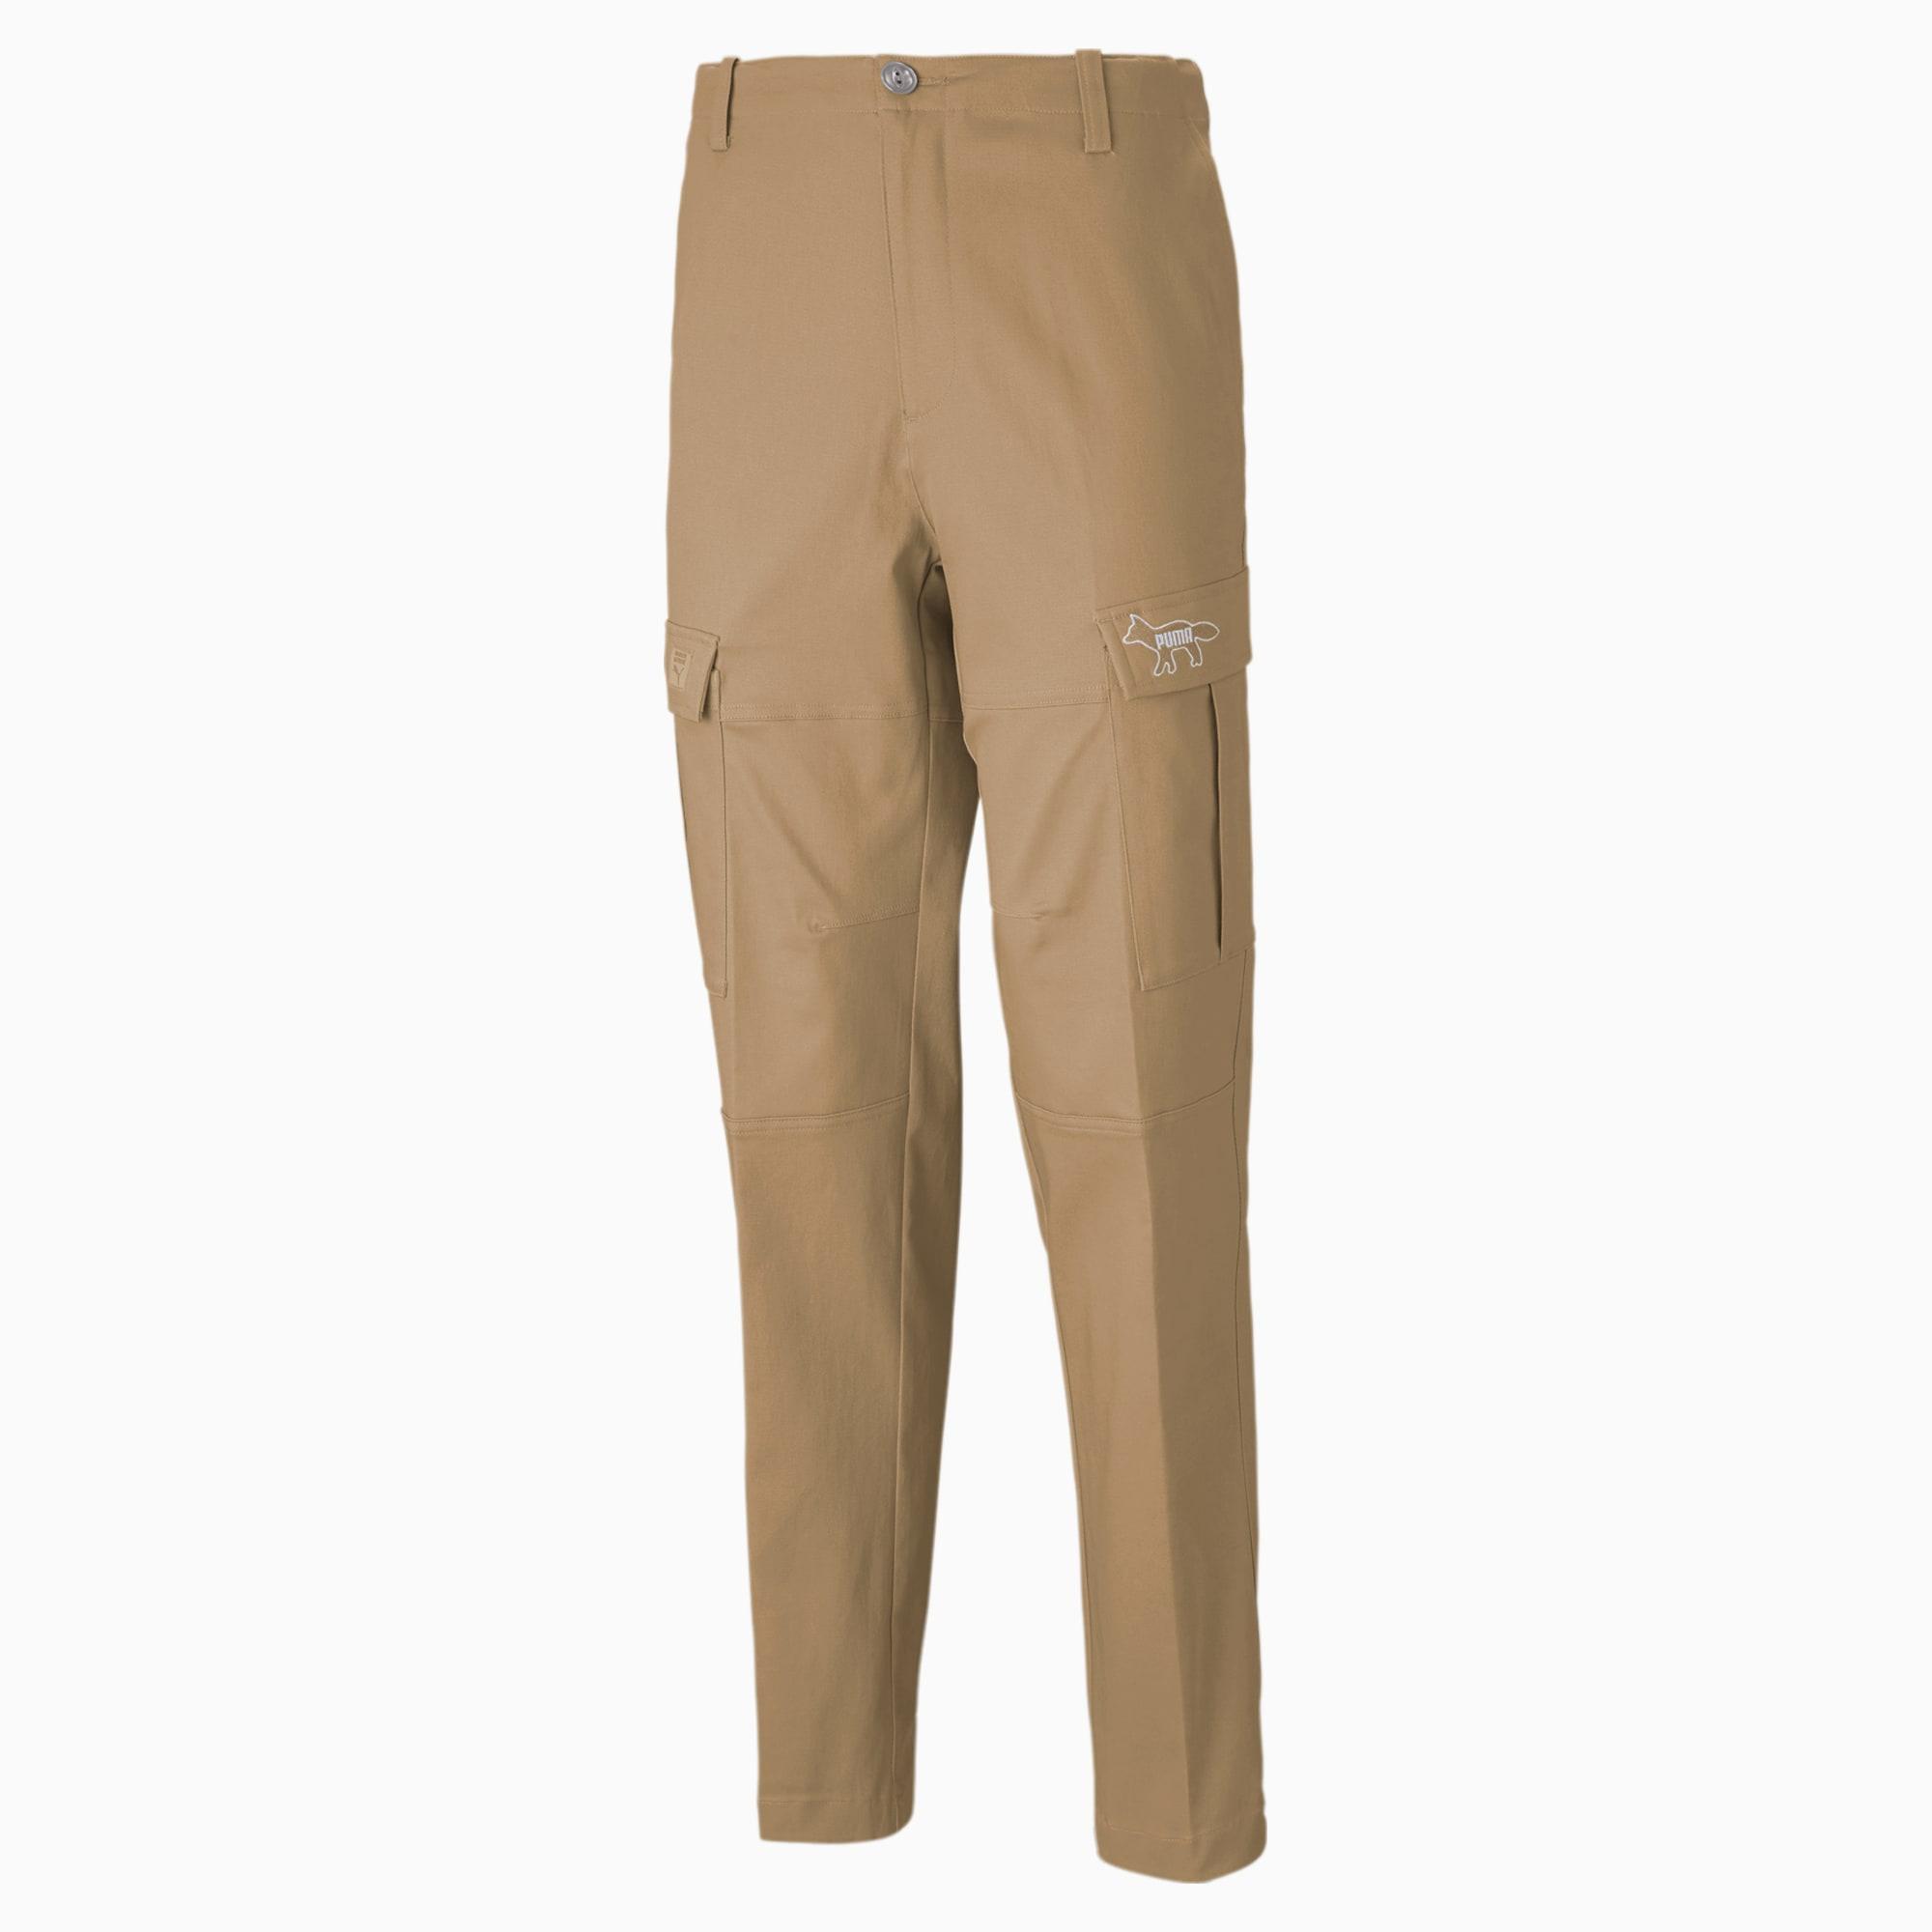 PUMA x MAISON KITSUNÉ Men's Cargo Pants